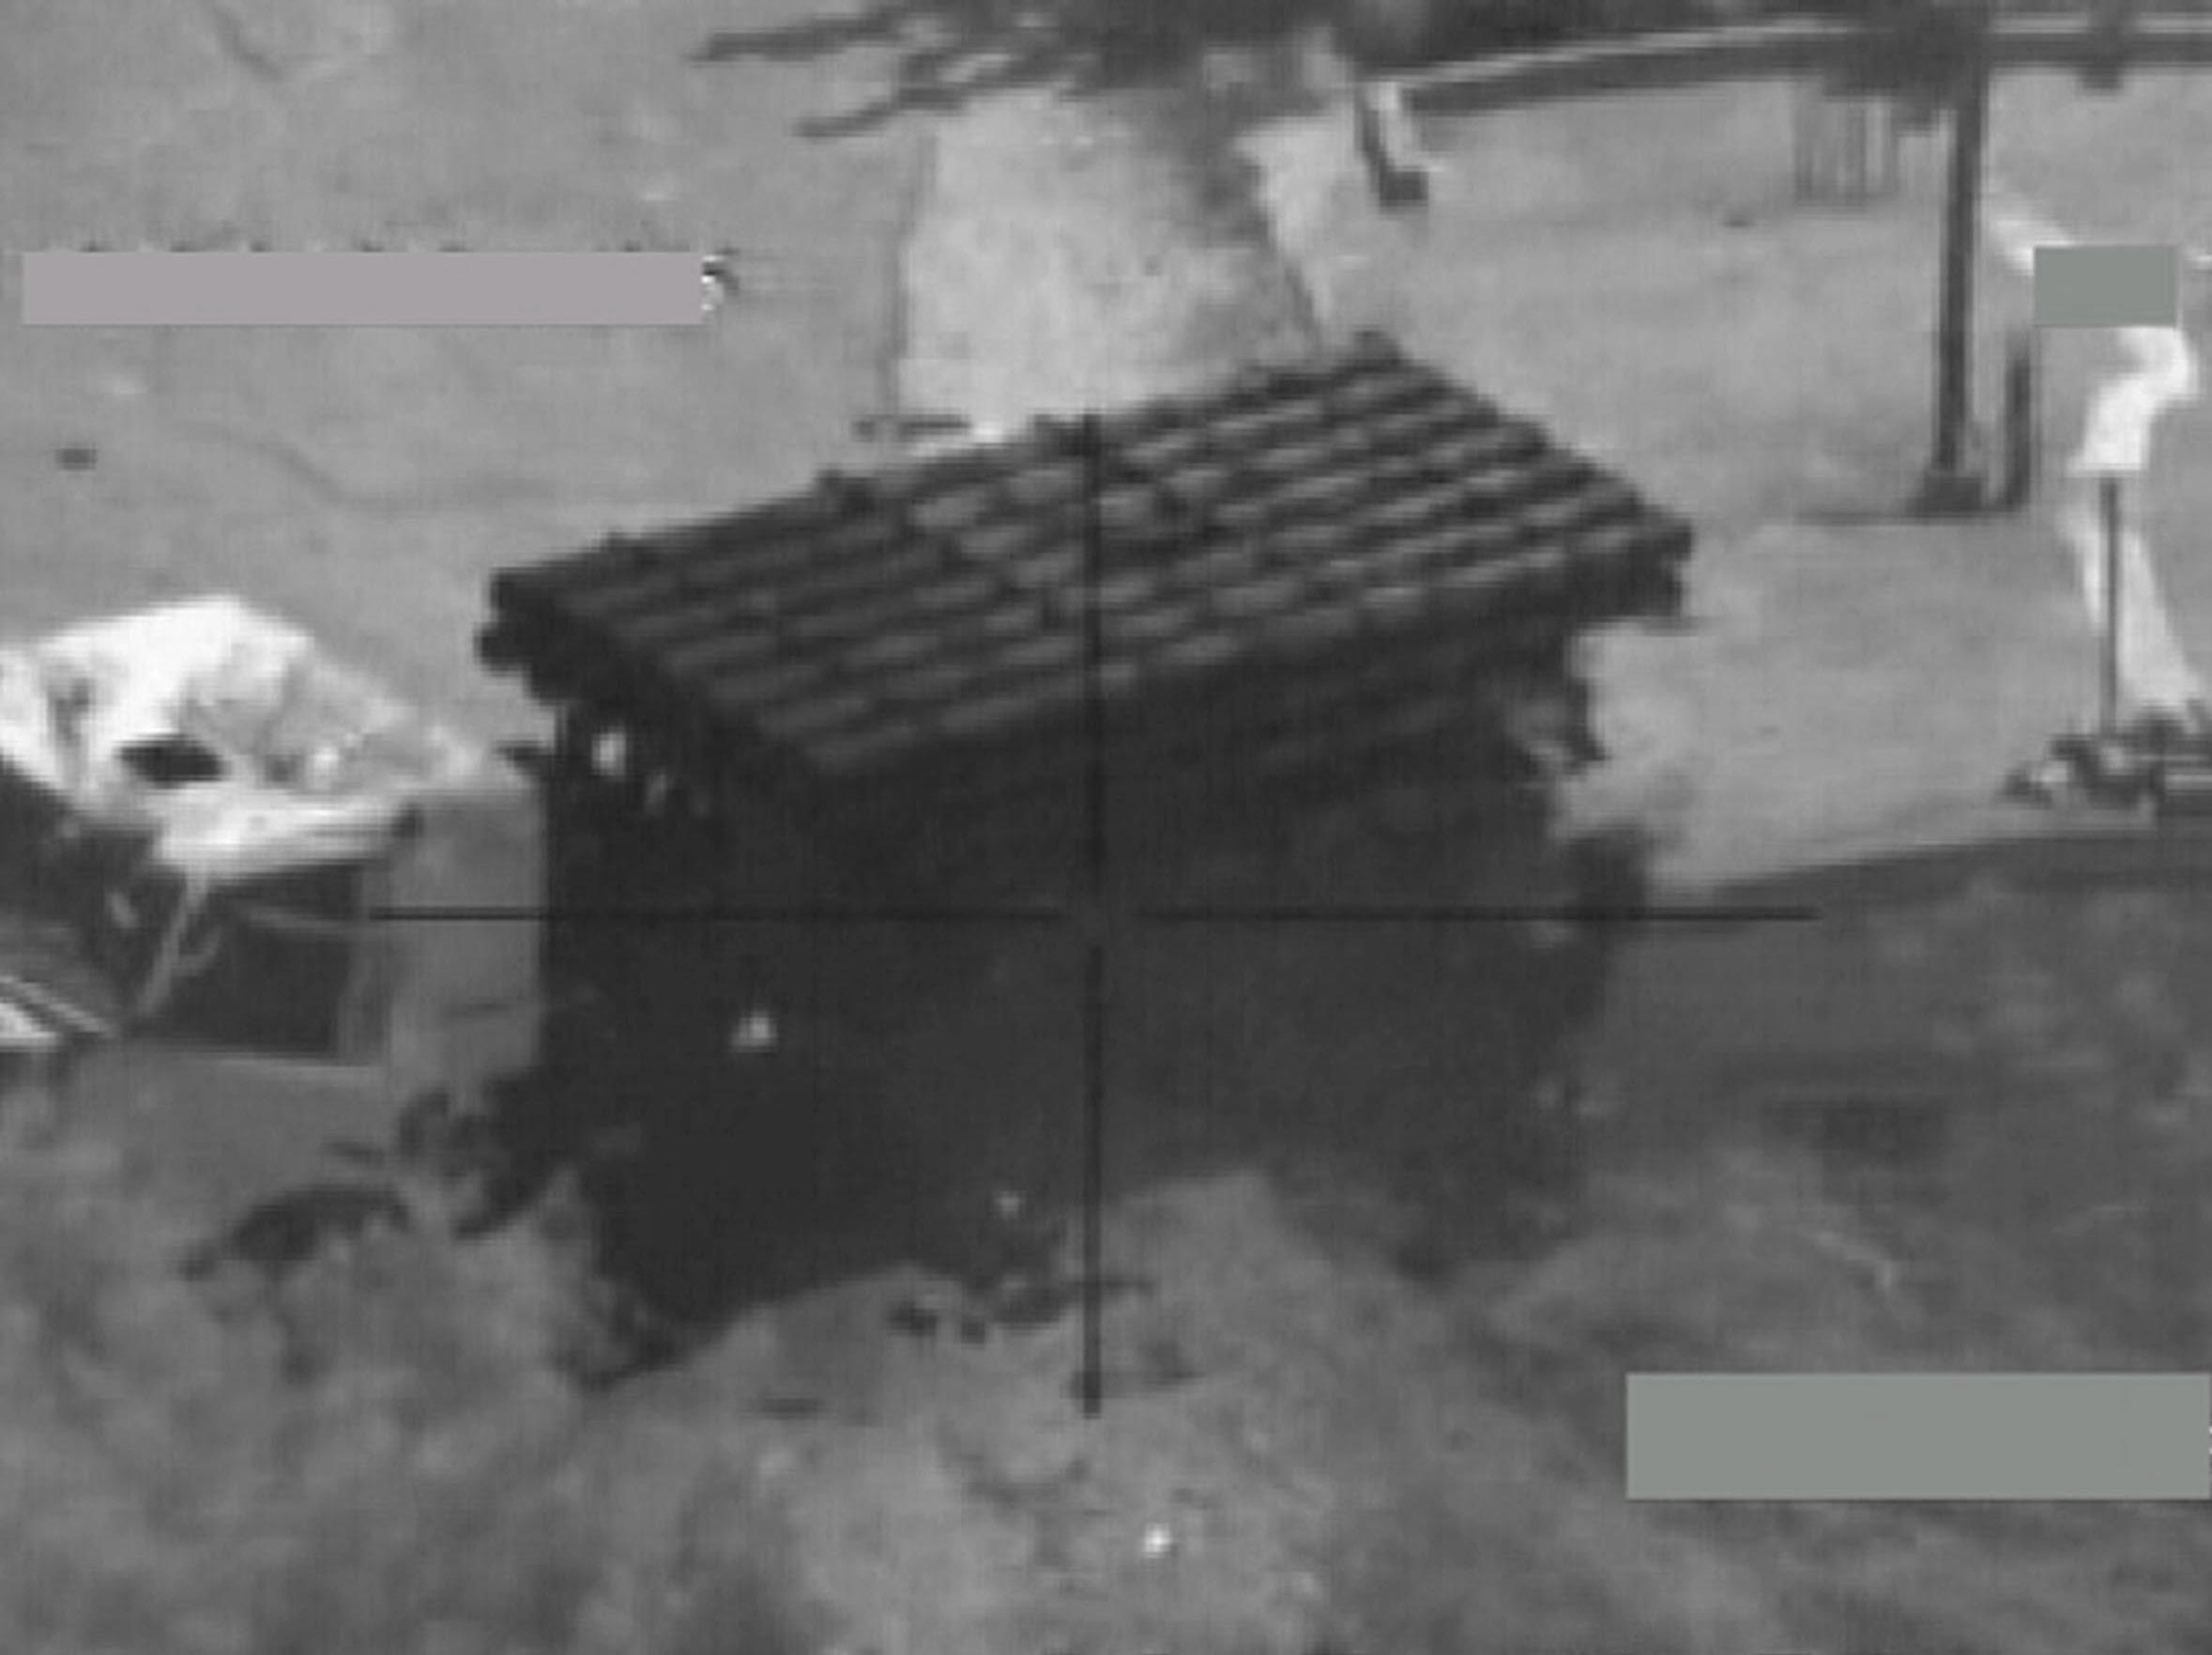 """שניה לפני תקיפת צה""""ל על משגרי קטיושה במלחמת לבנון השניה - צילום: דו""""צ"""